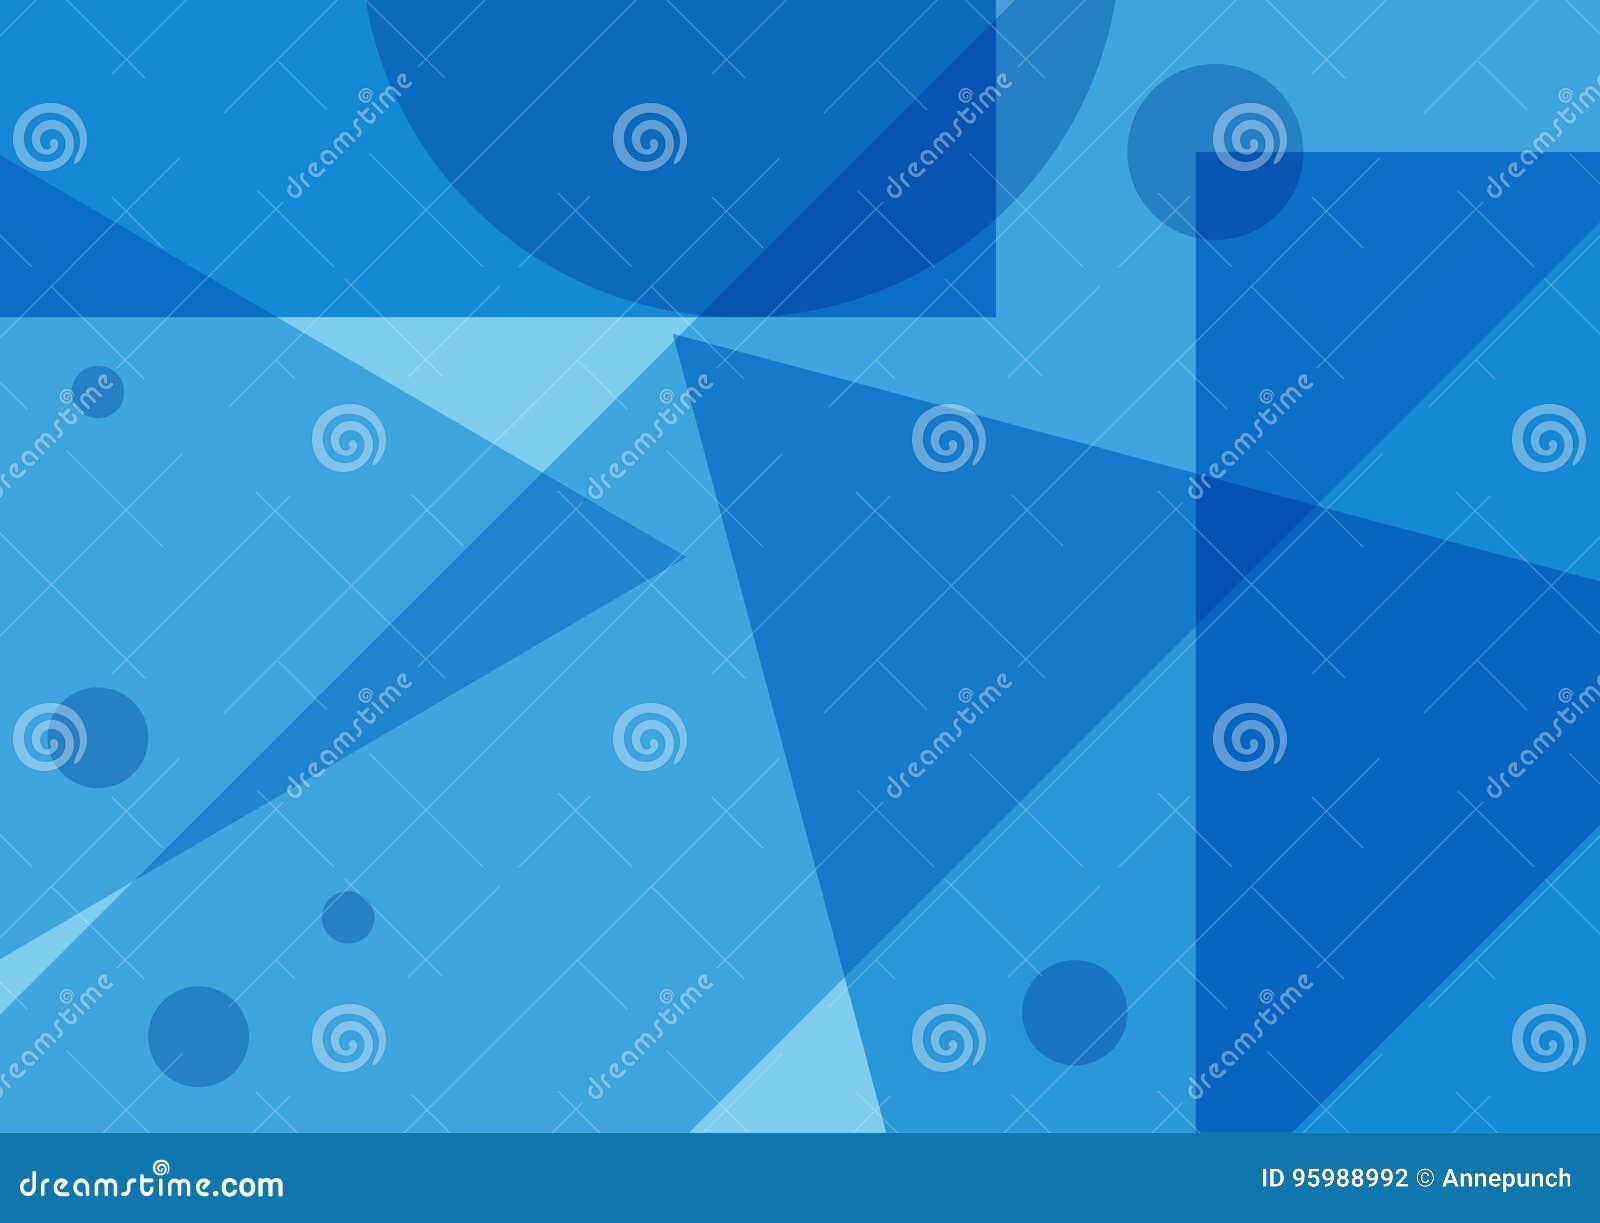 ff3f1b559f50c Fondo Azul Abstracto Rectangular Con Formas Geométricas Ilustración ...